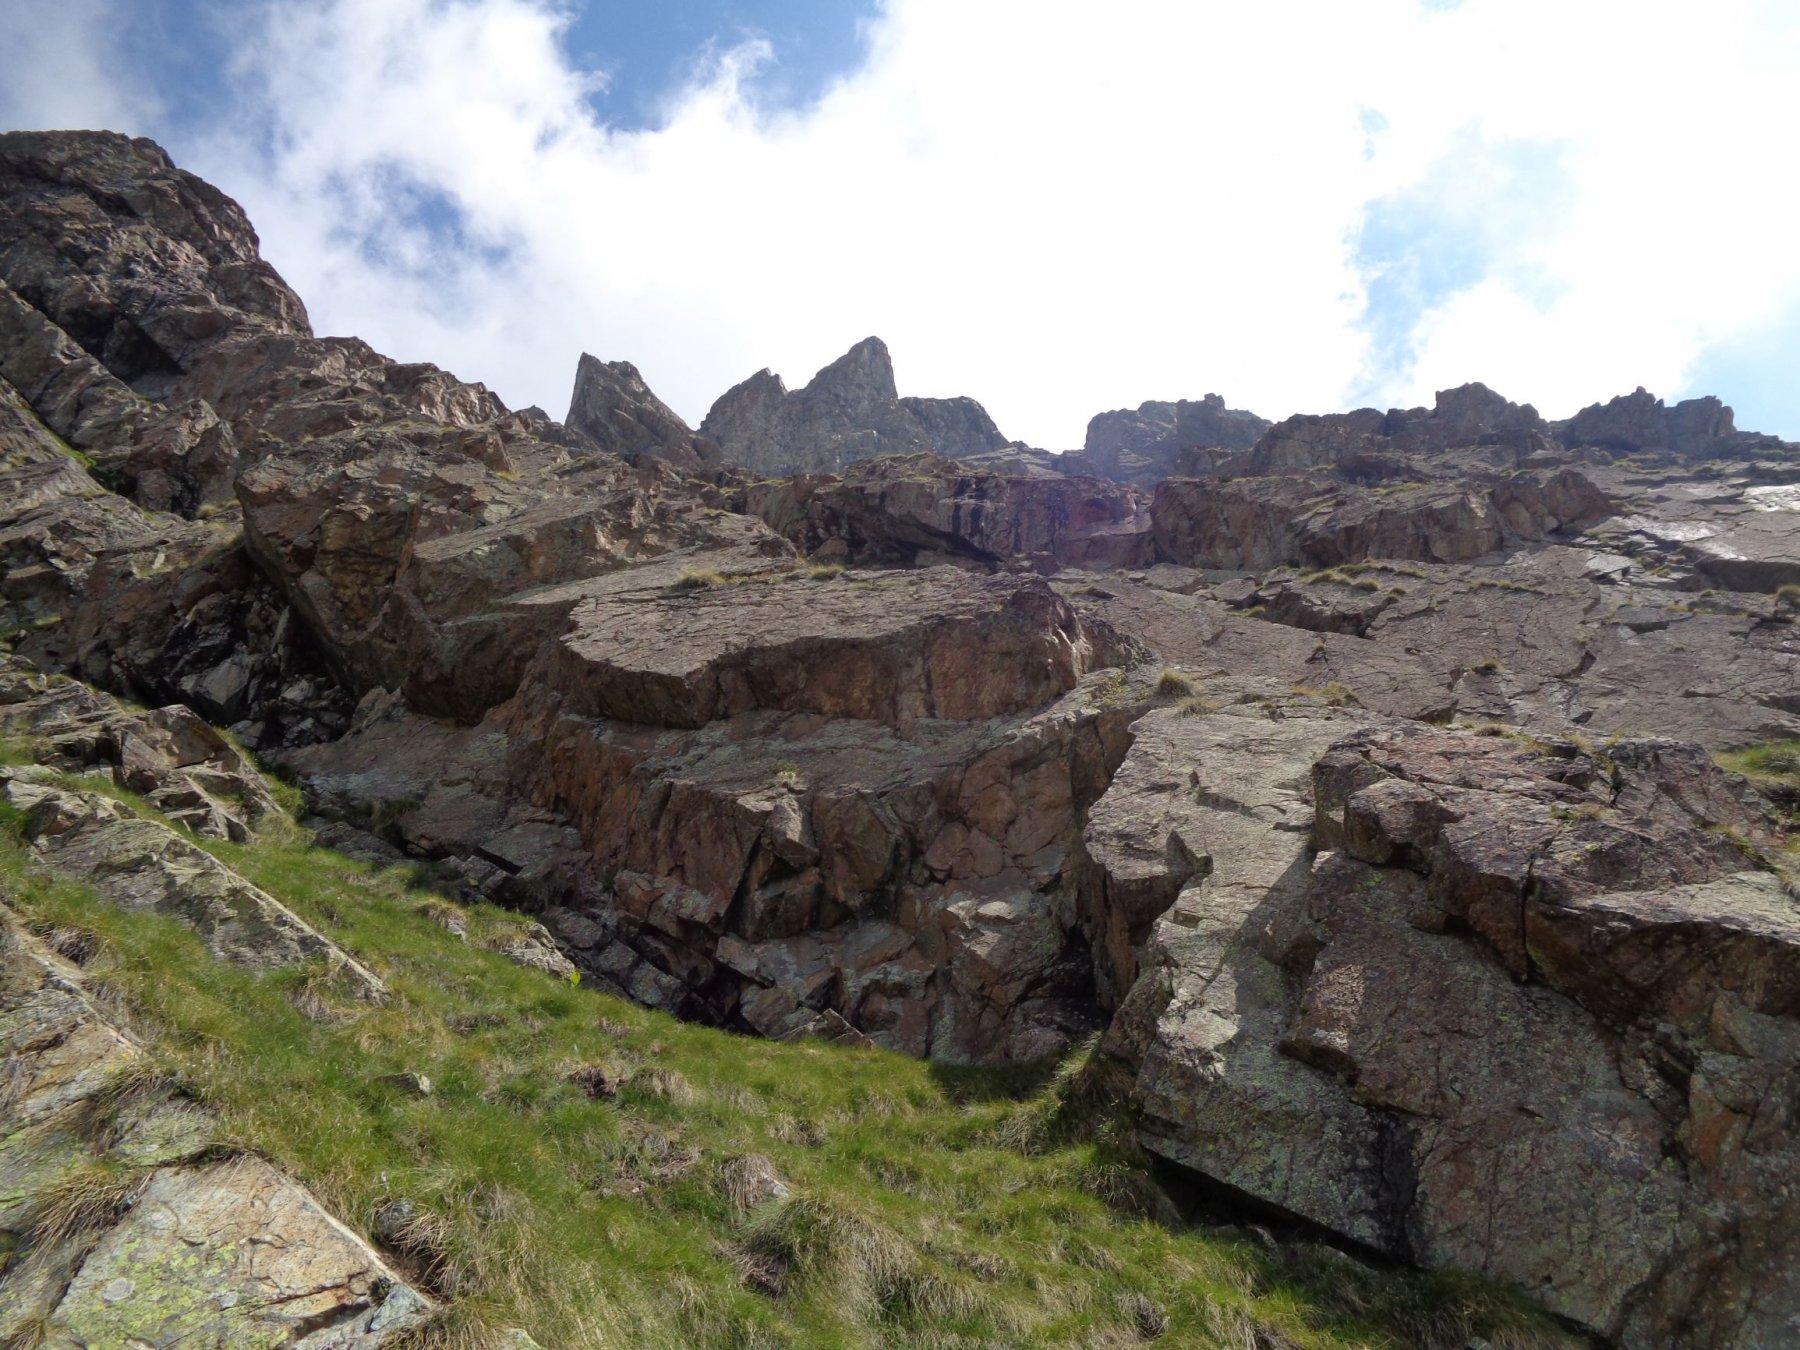 La facile zona centrale di balze rocciose e cenge erbose